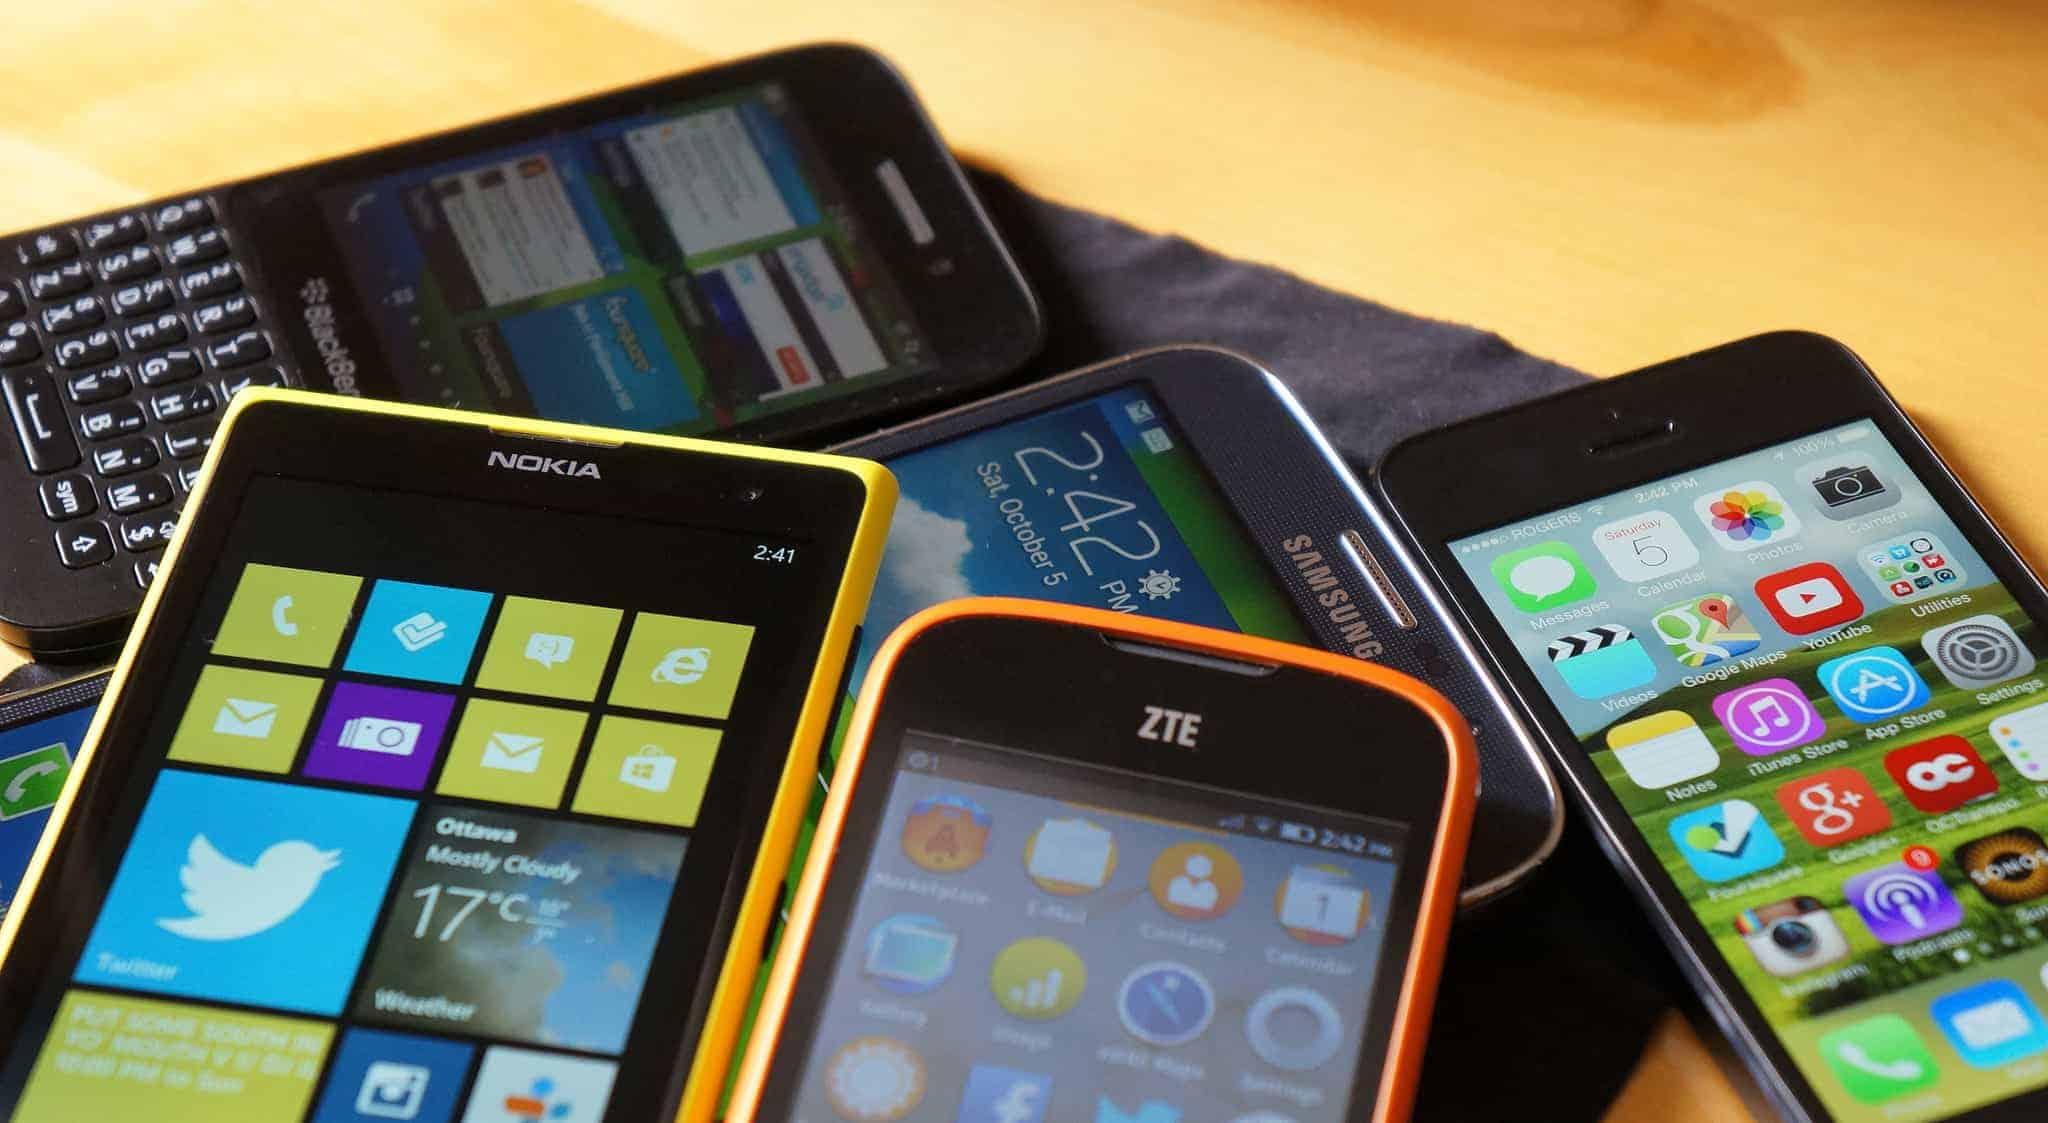 Smartphone Usage Stats